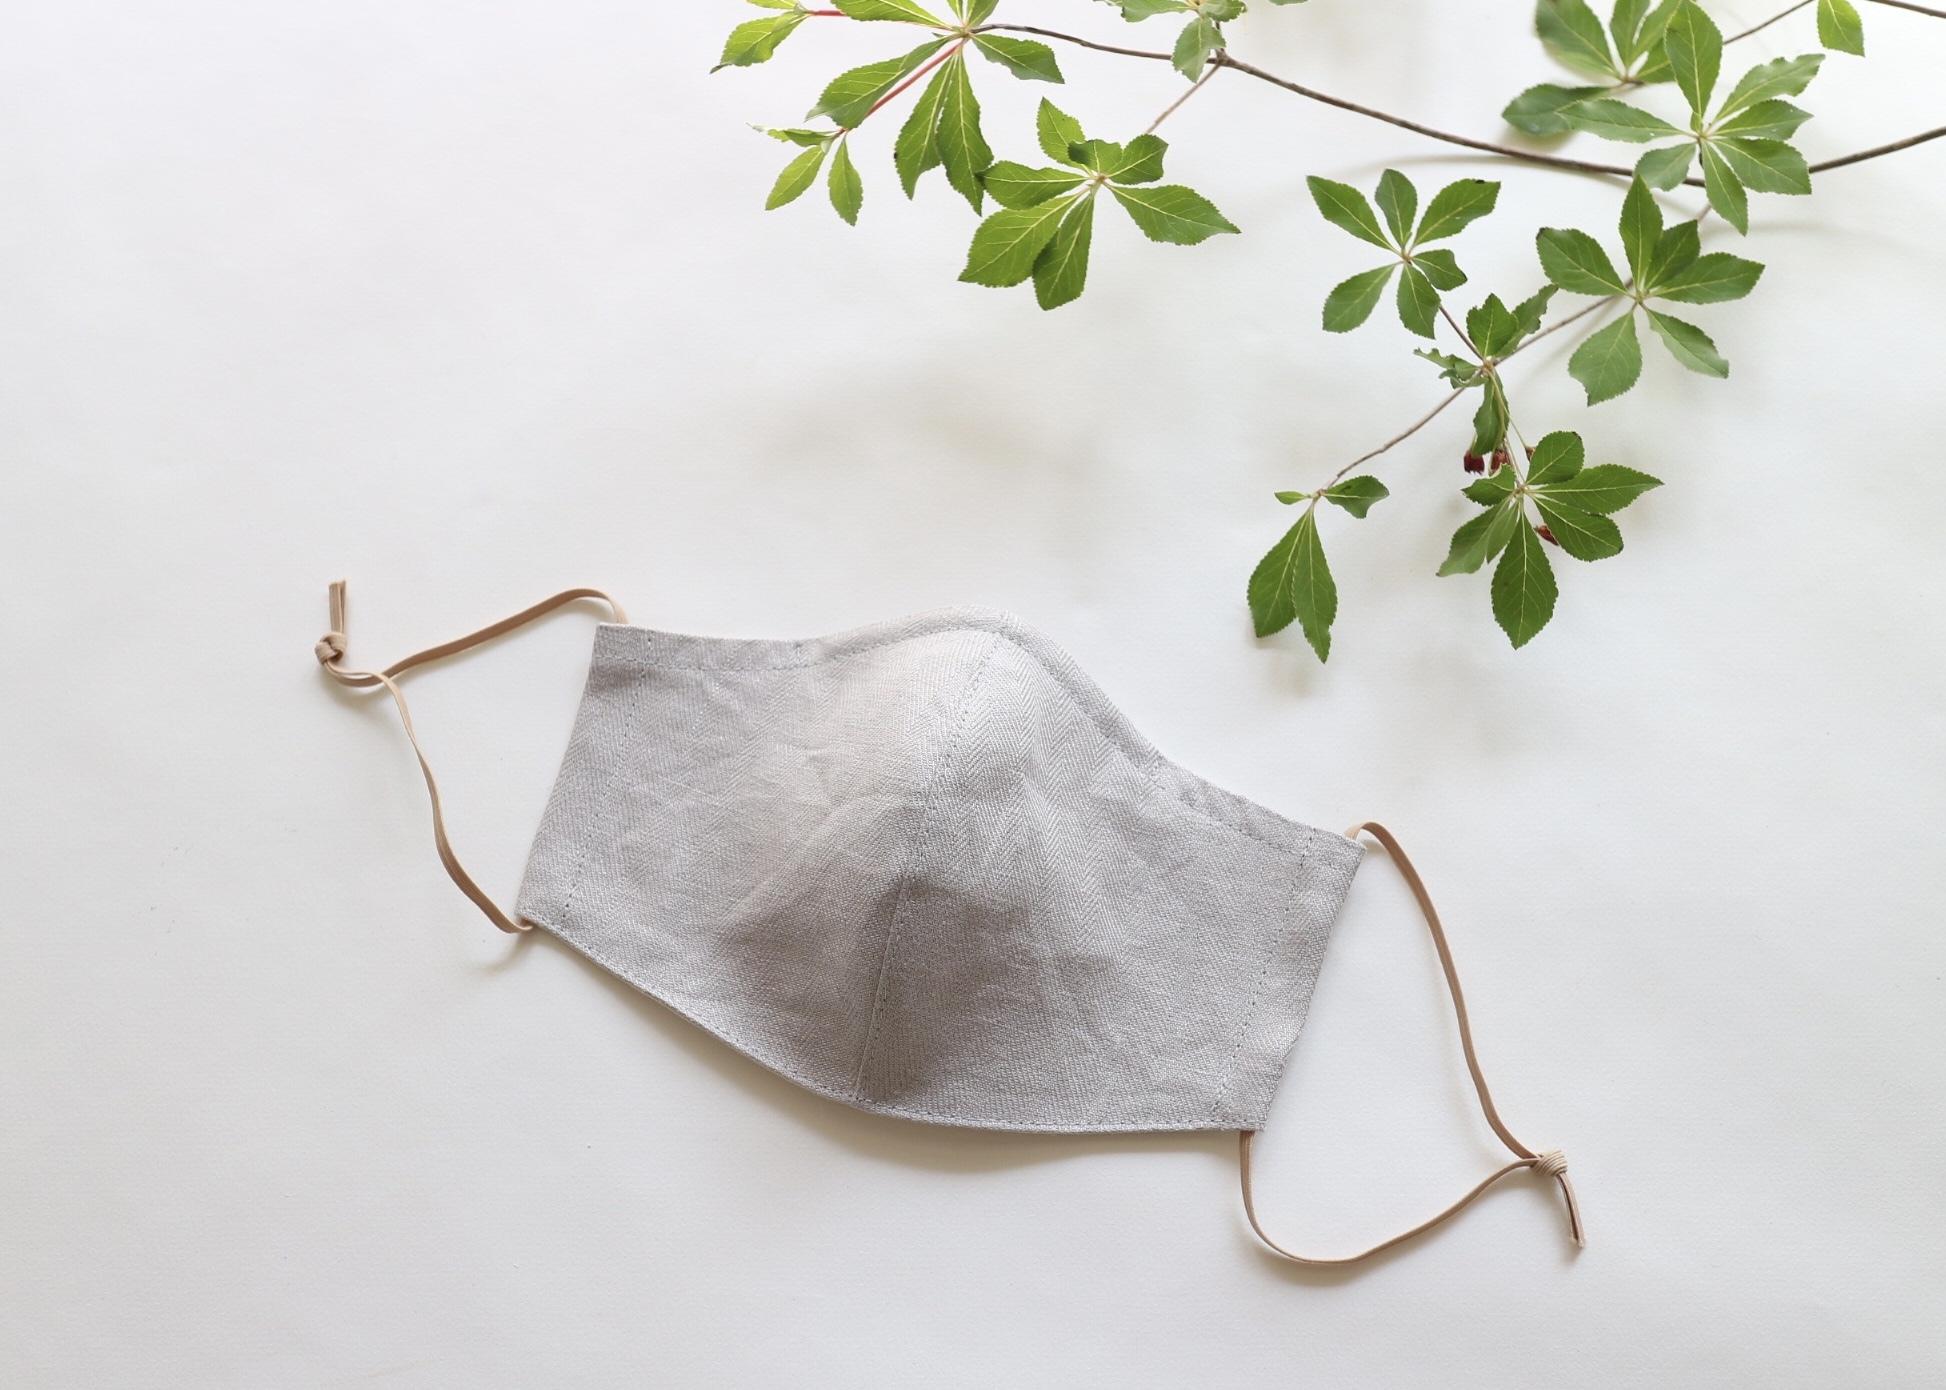 夏に涼しく心地よい リネンのマスク レギュラーサイズ(グレー)ノーズワイヤー入り